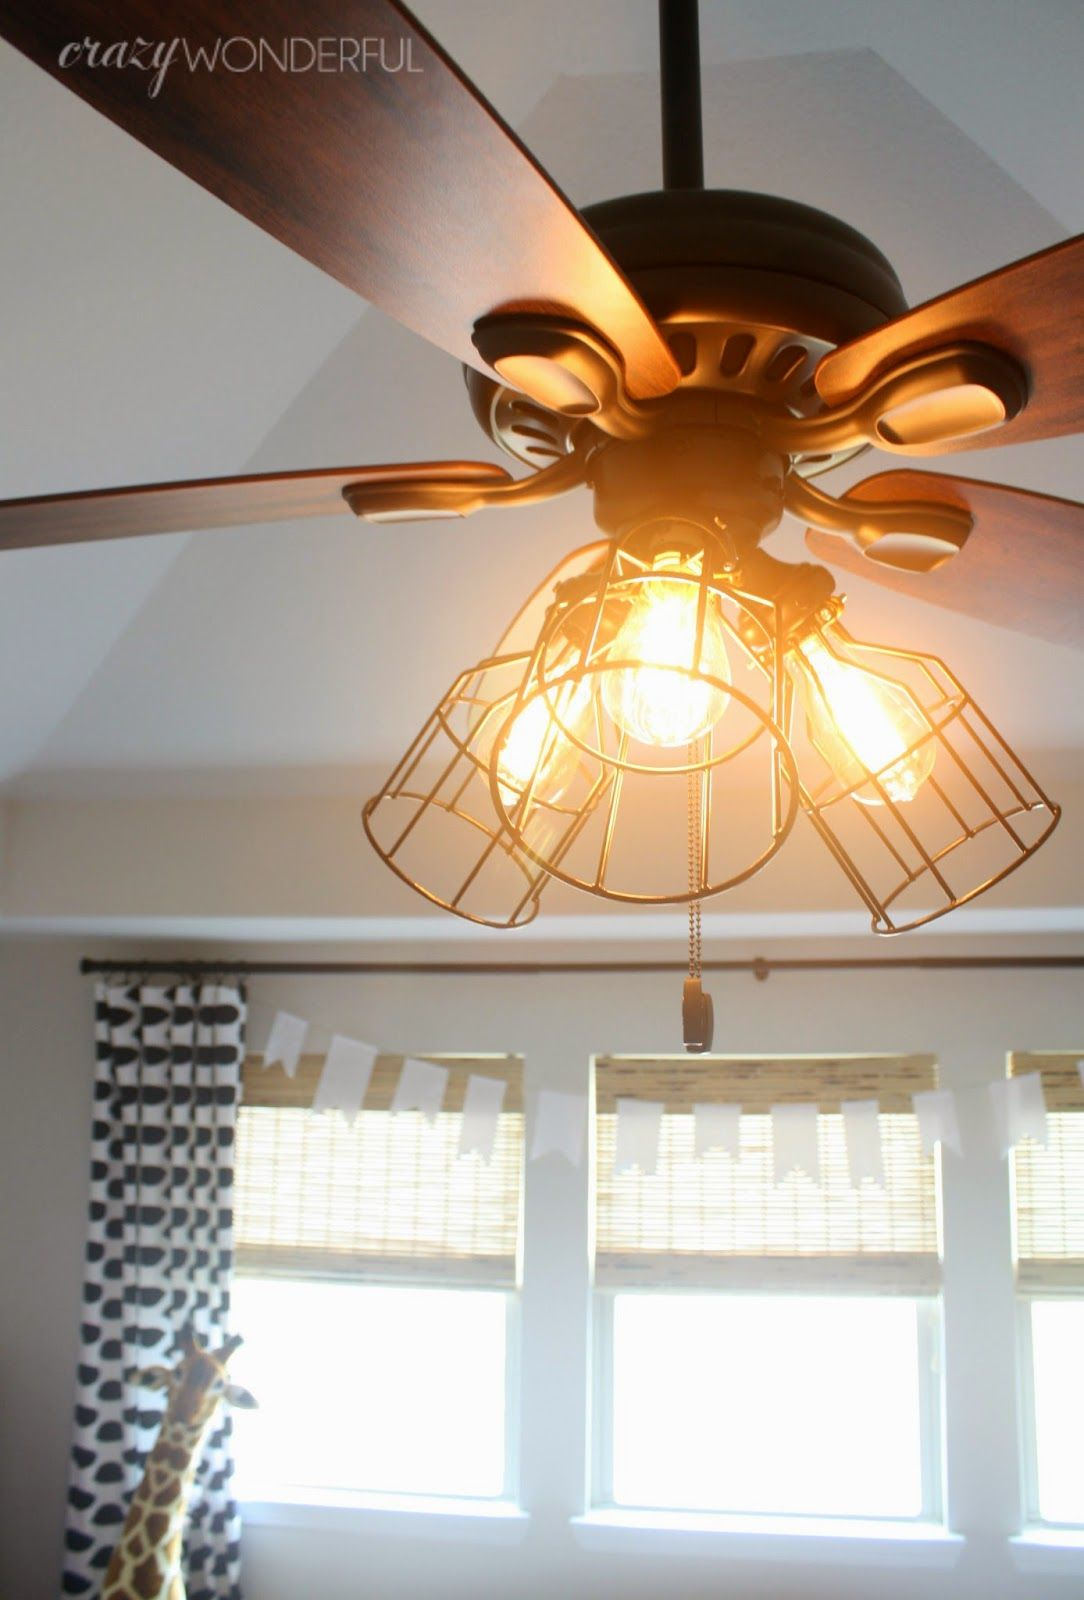 Diy Cage Light Ceiling Fan Rustic Ceiling Fan Ceiling Fan Cage Light